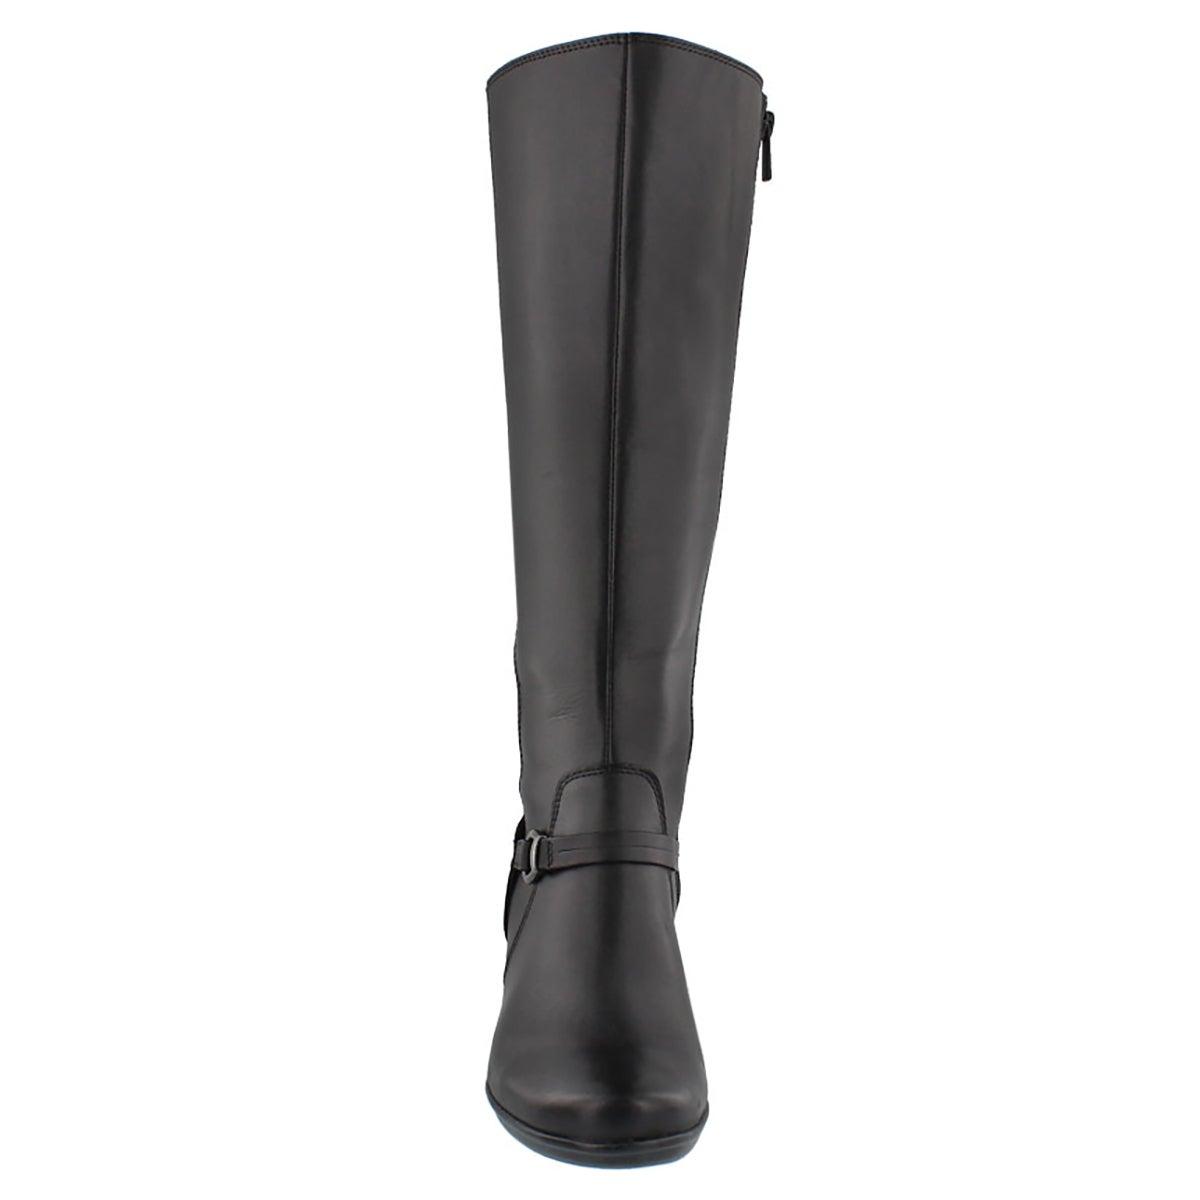 Lds Emslie Sinai blk tall dress boot